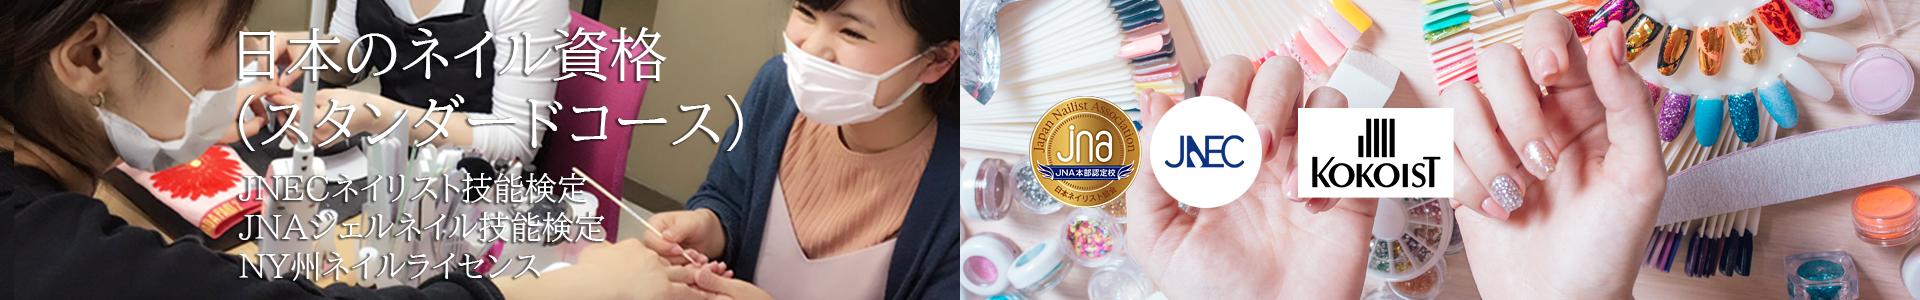 JNECネイリスト技能検定、JNAジェルネイル検定など国内の資格取得のスタンダードクラス